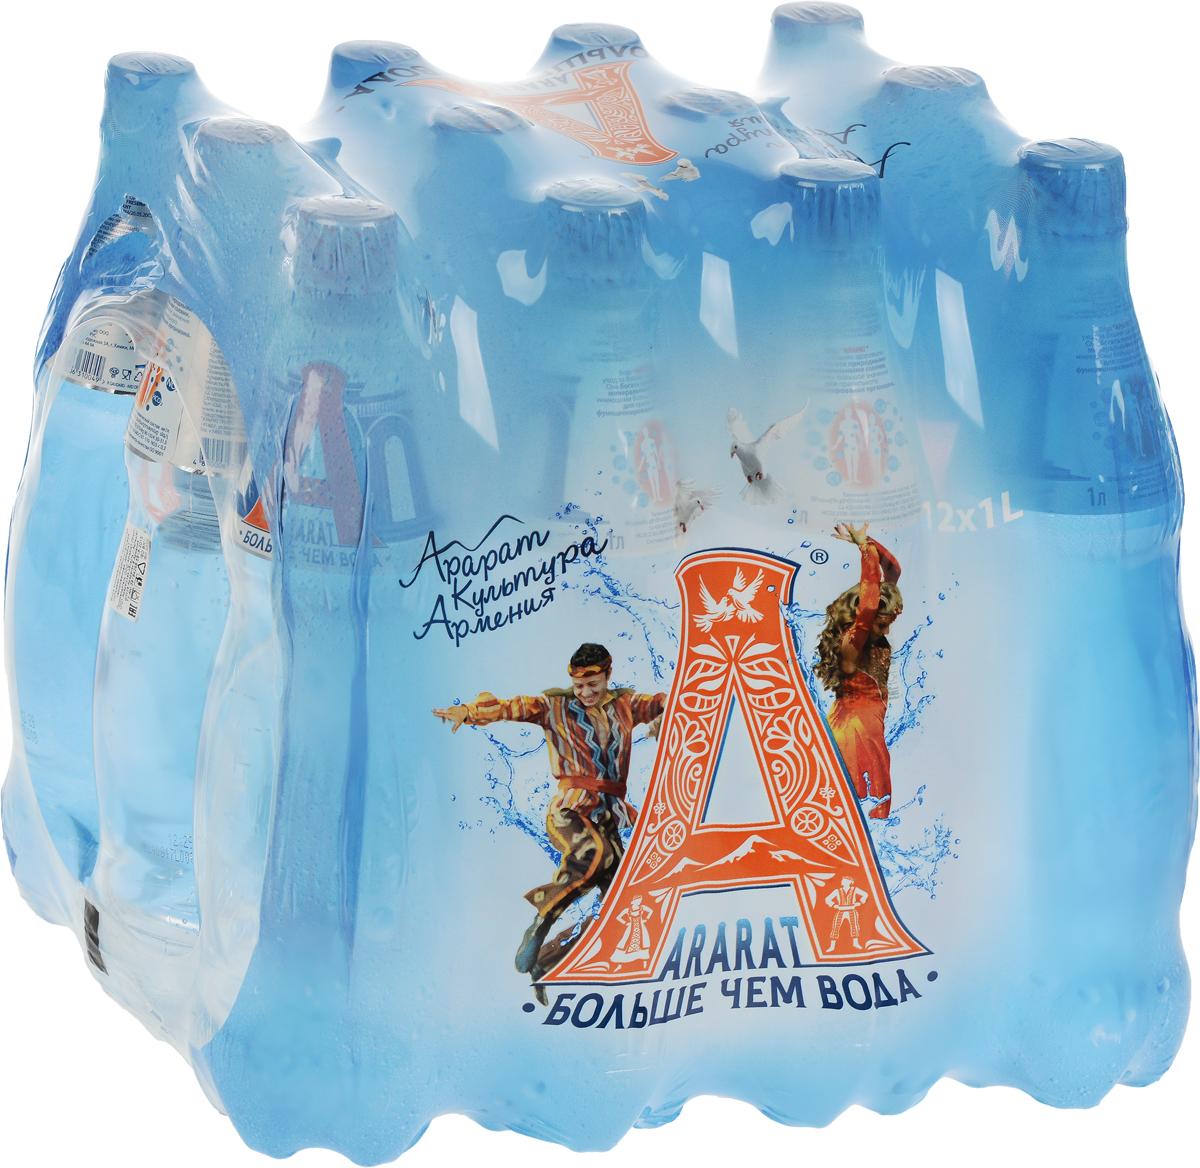 Ararat вода газированная минеральная лечебно-столовая, 12 штук по 1 л4850006310094Употребление воды Арарат поможет привести в норму водно-минеральный обмен организма, стимулирует систему пищеварения, благодаря сбалансированному природному минеральному составу. Разлито на территории минеральных источников Арарат скважина №11, Ущелье Борот-Ахбюр, Армения. Уважаемые клиенты! Обращаем ваше внимание, что перечень типичного химического состава продукта представлен на дополнительном изображении.